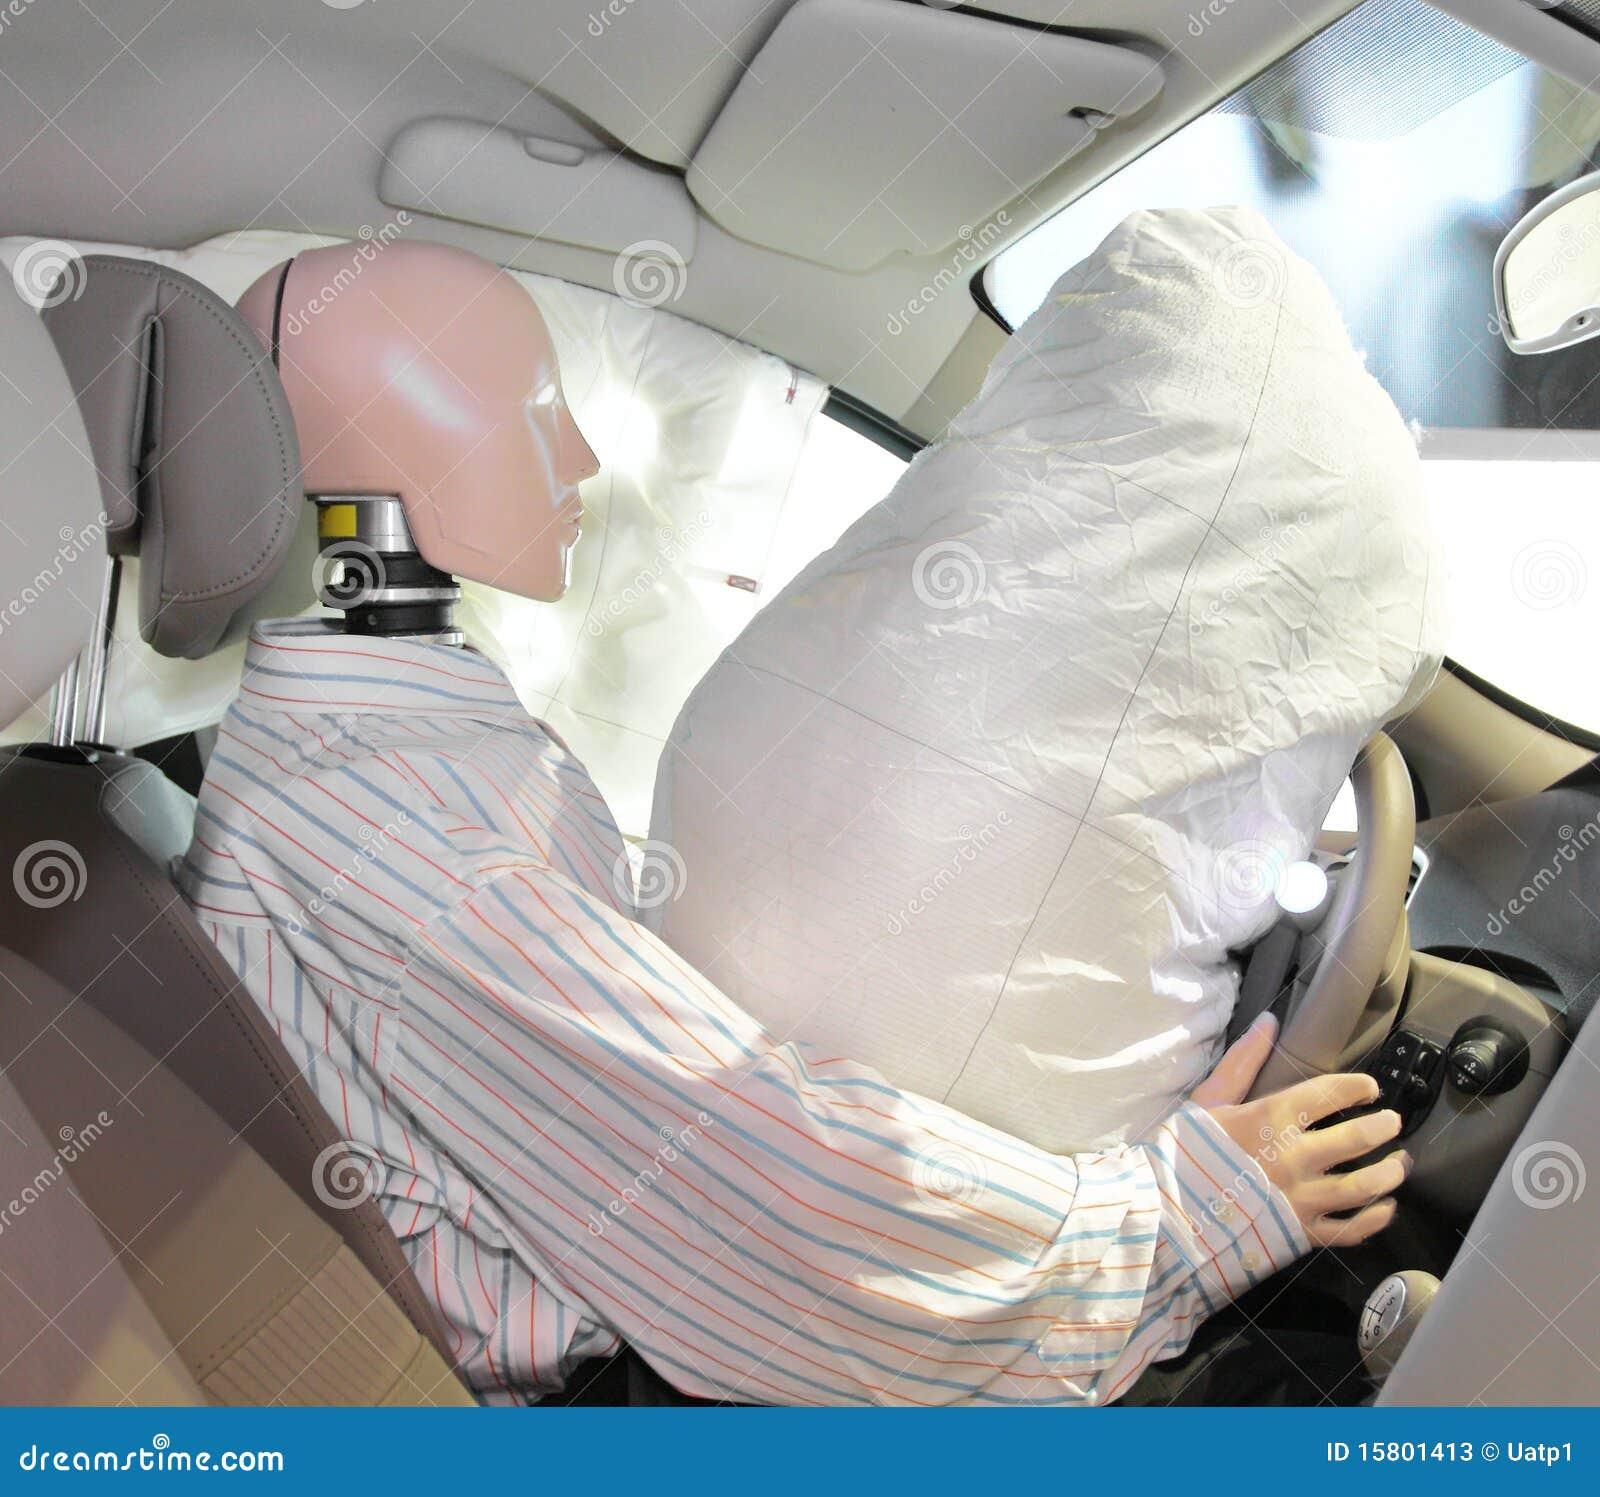 Car Stock Photos: Mannequin In A Car Stock Photos